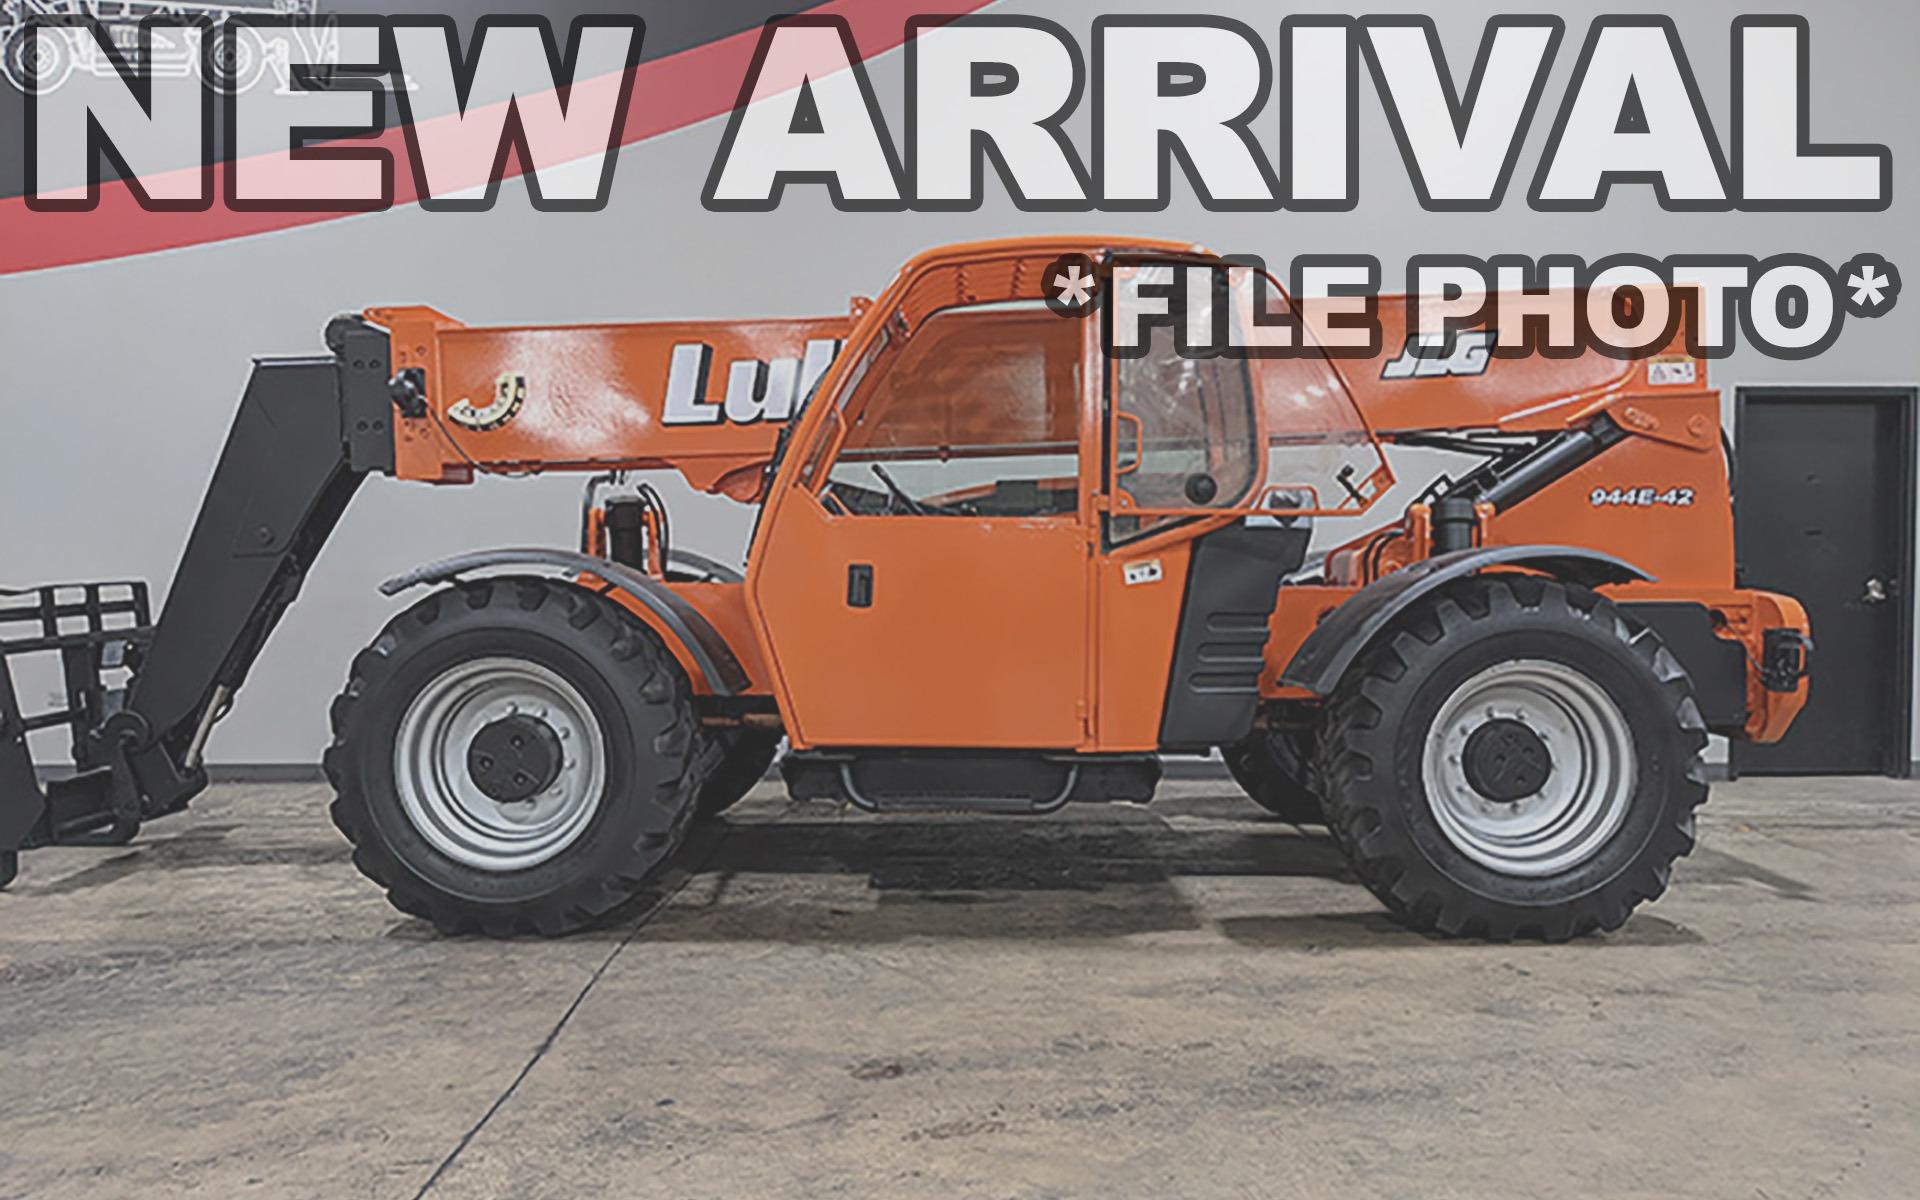 Used 2005 LULL 944E-42    Cary, IL